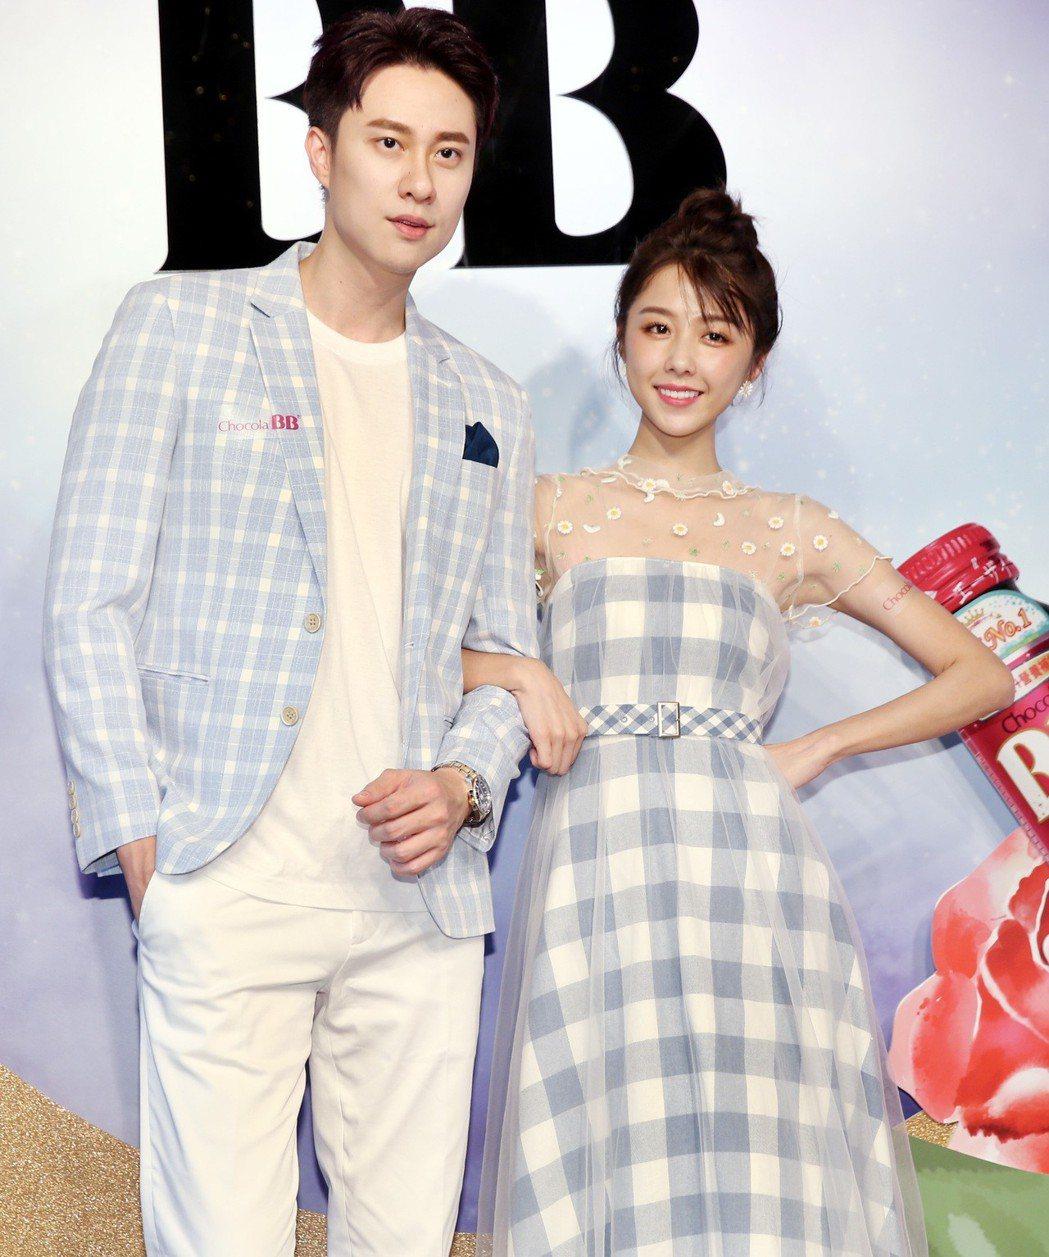 劉書宏(左)與邵雨薇擔任Chocola BB宣傳活動嘉賓。記者侯永全/攝影